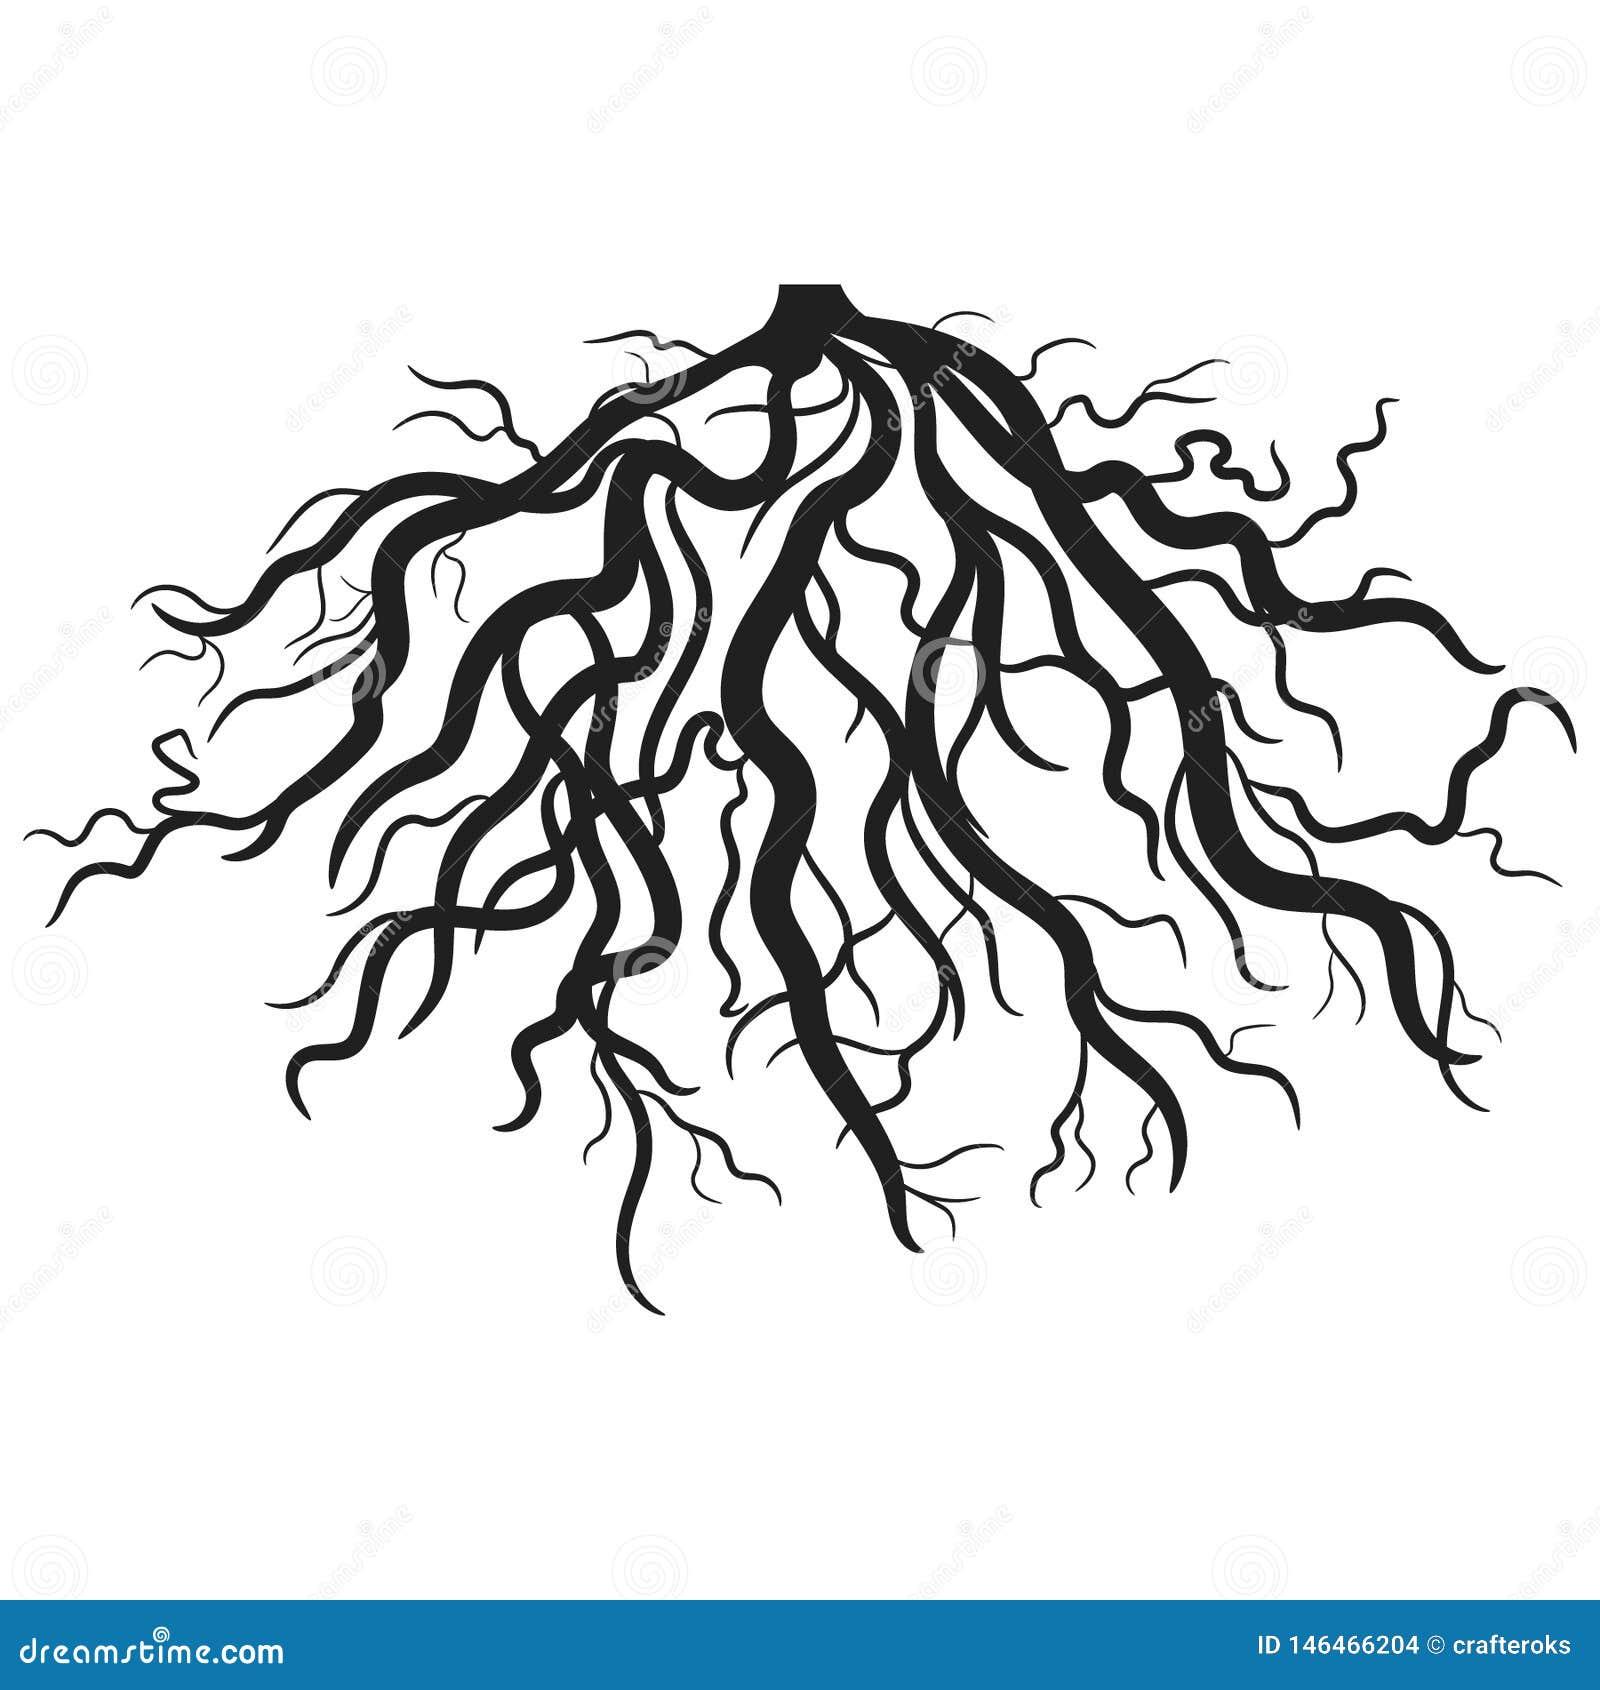 Wurzelvektor ENV Hand gezeichnet, Vektor, ENV, Logo, Ikone, crafteroks, Schattenbild Illustration für unterschiedlichen Gebrauch